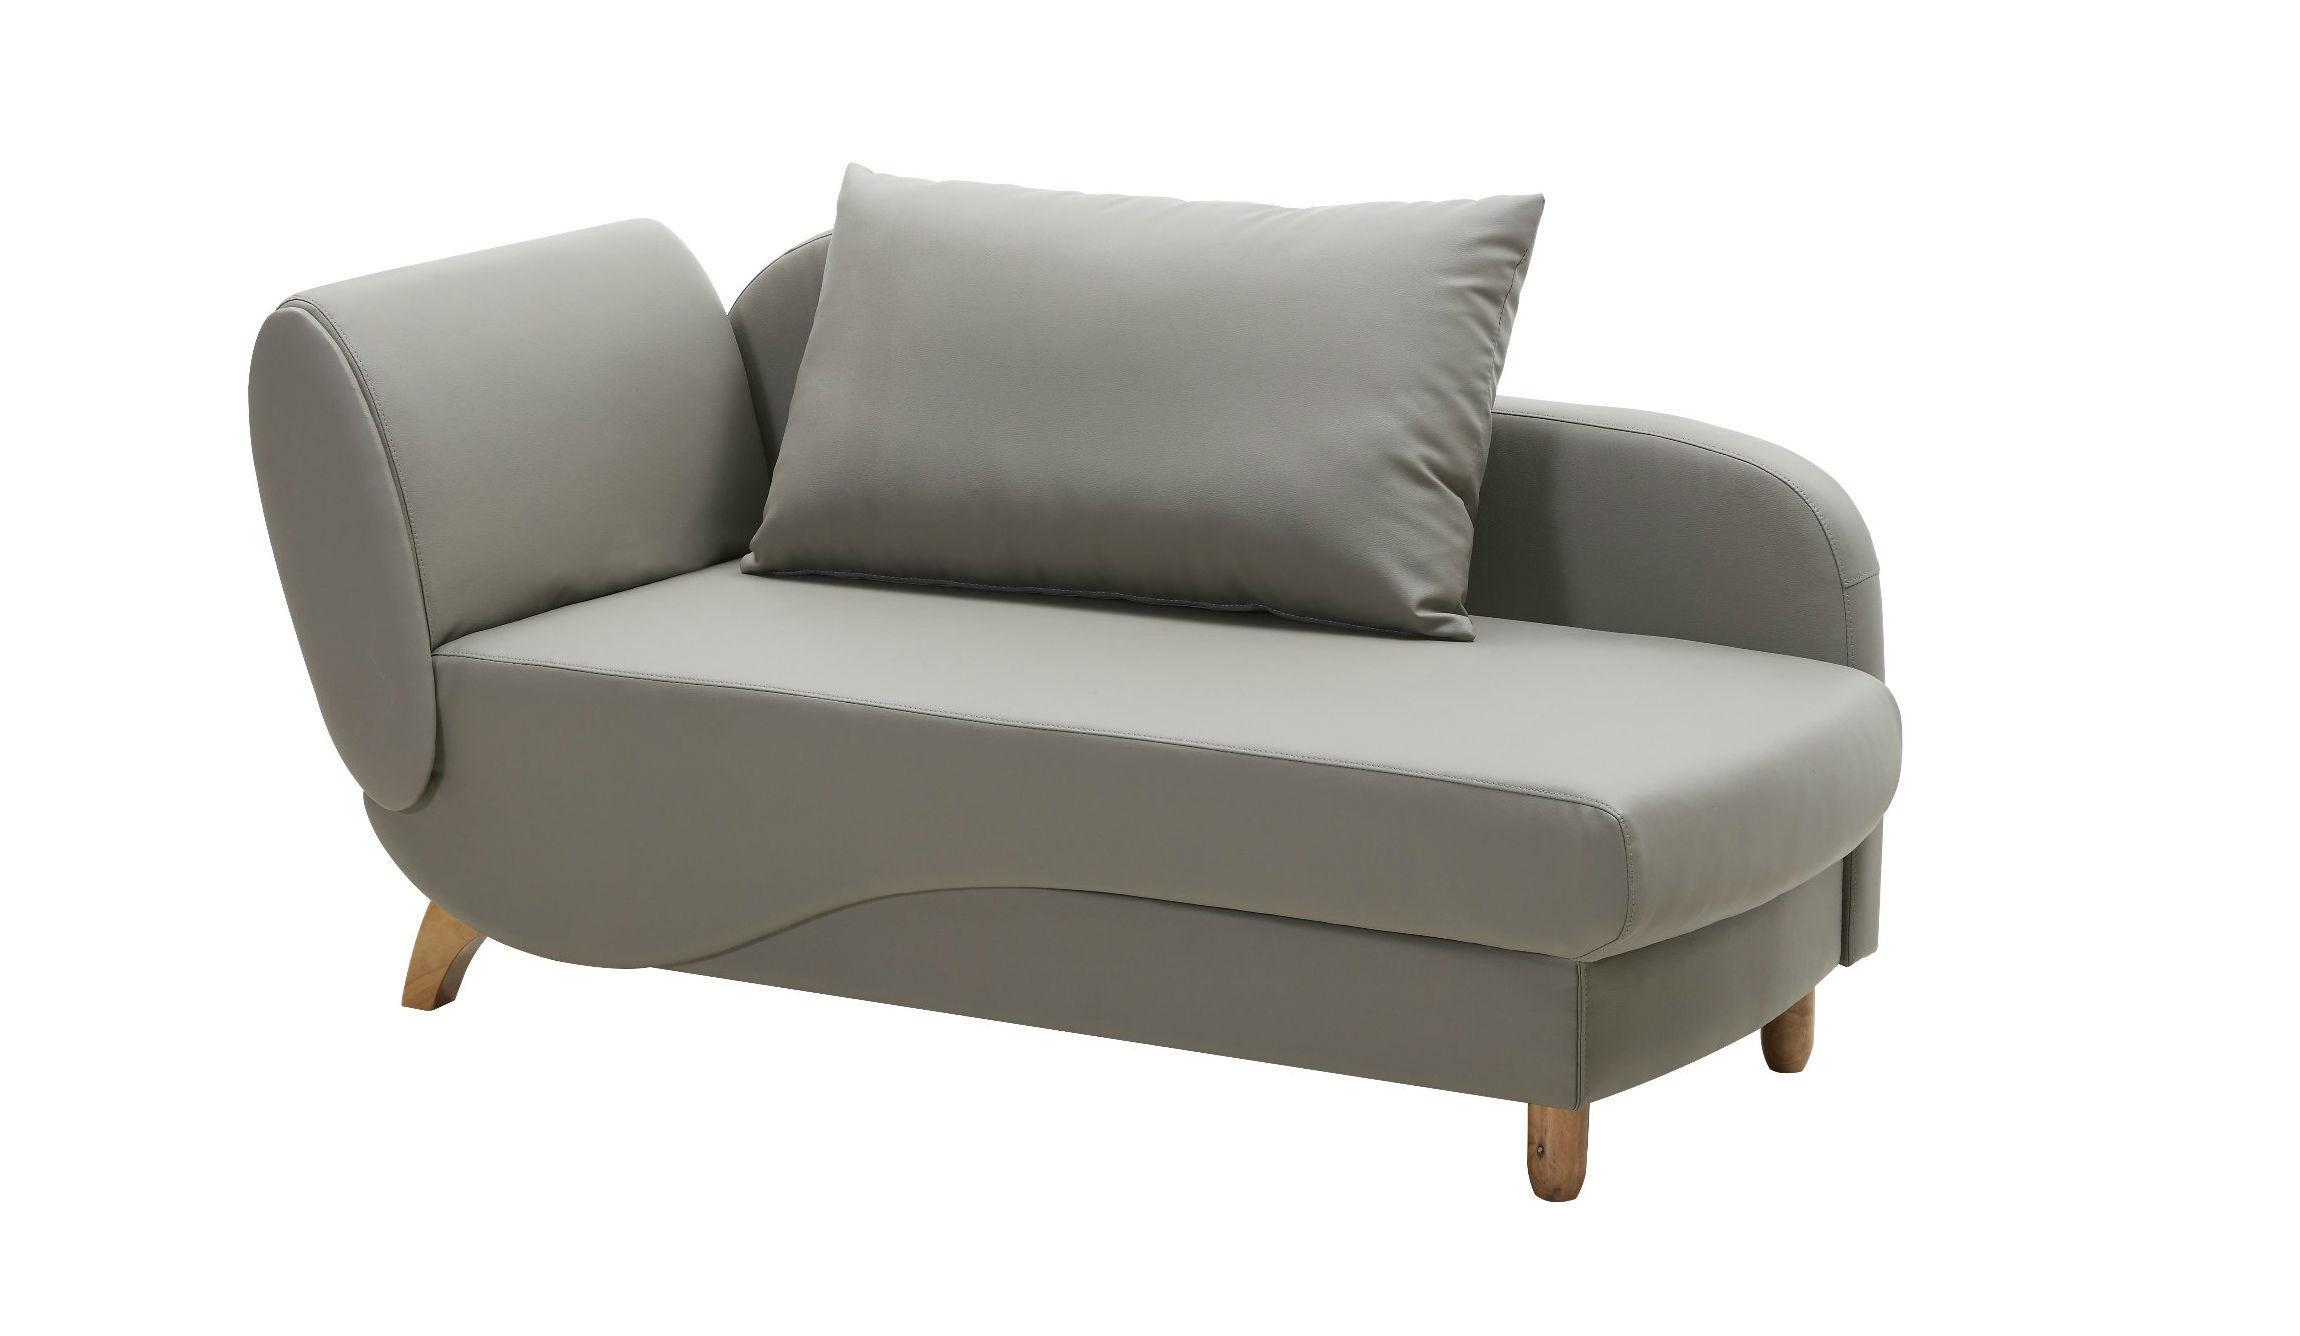 Picture of: Foto De Chaise Lounge Sofa Cama Con Un Gran Almacenamiento En Es Made In China Com